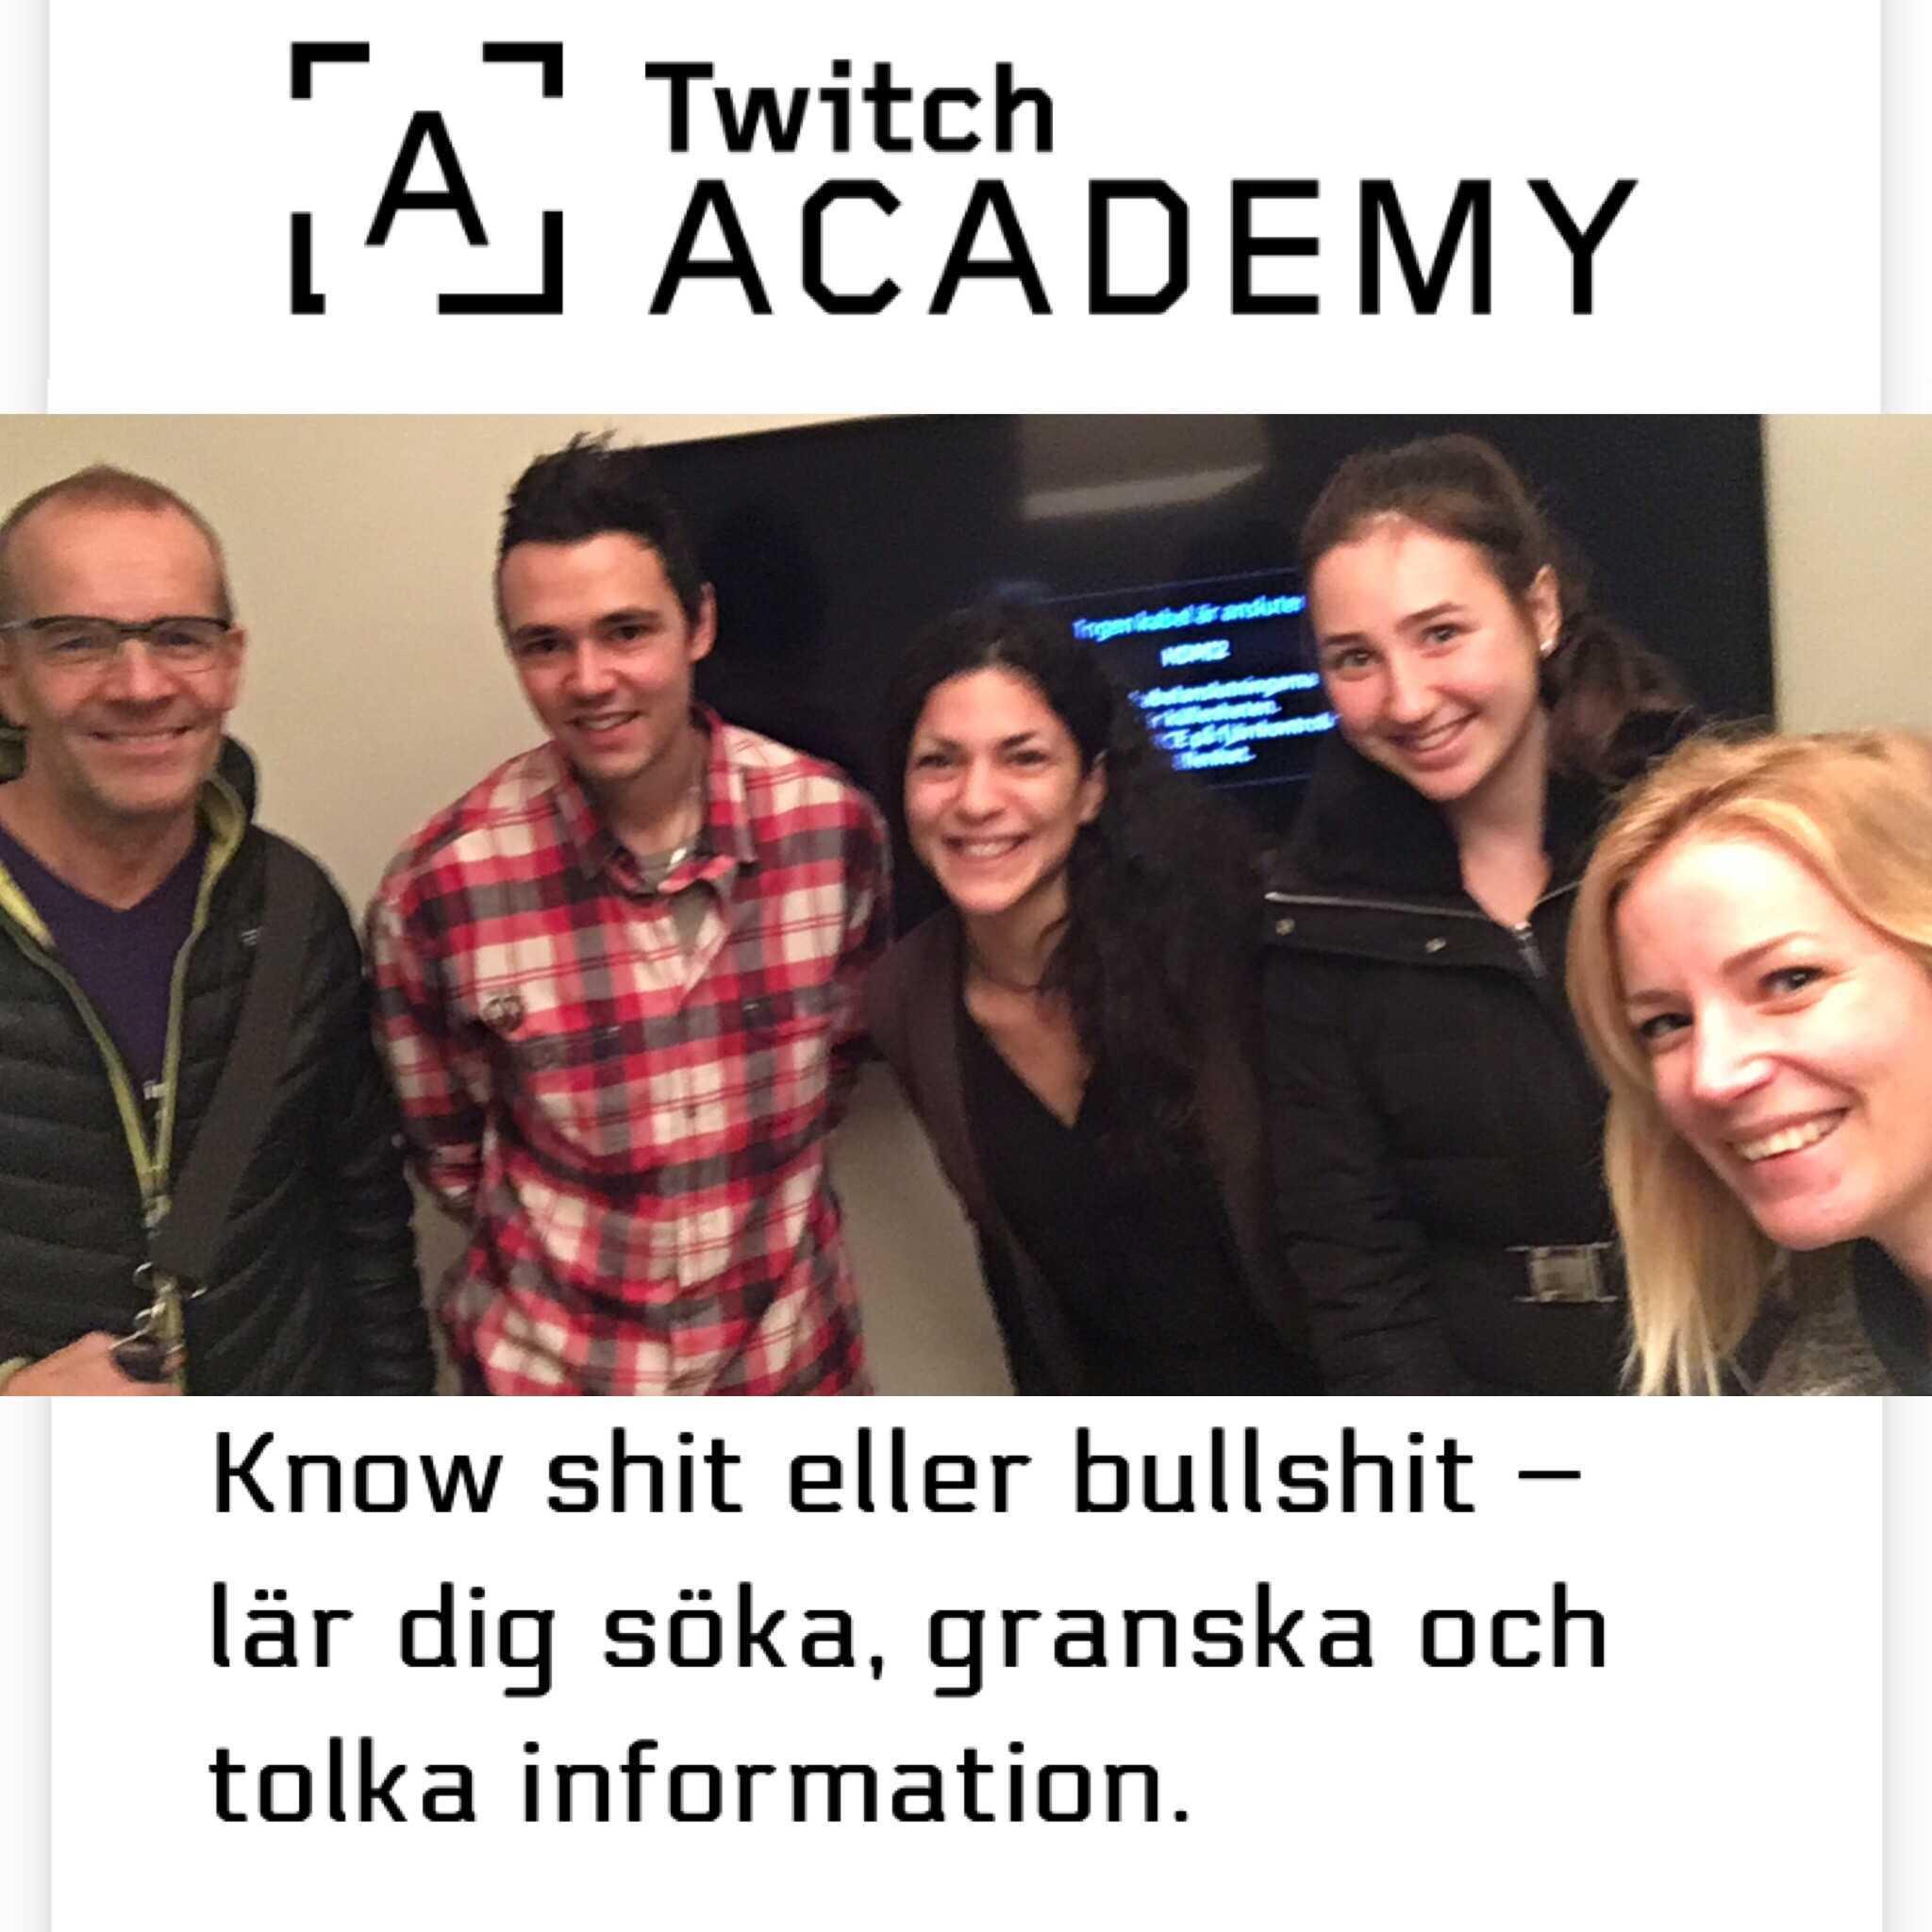 Twitch Academy